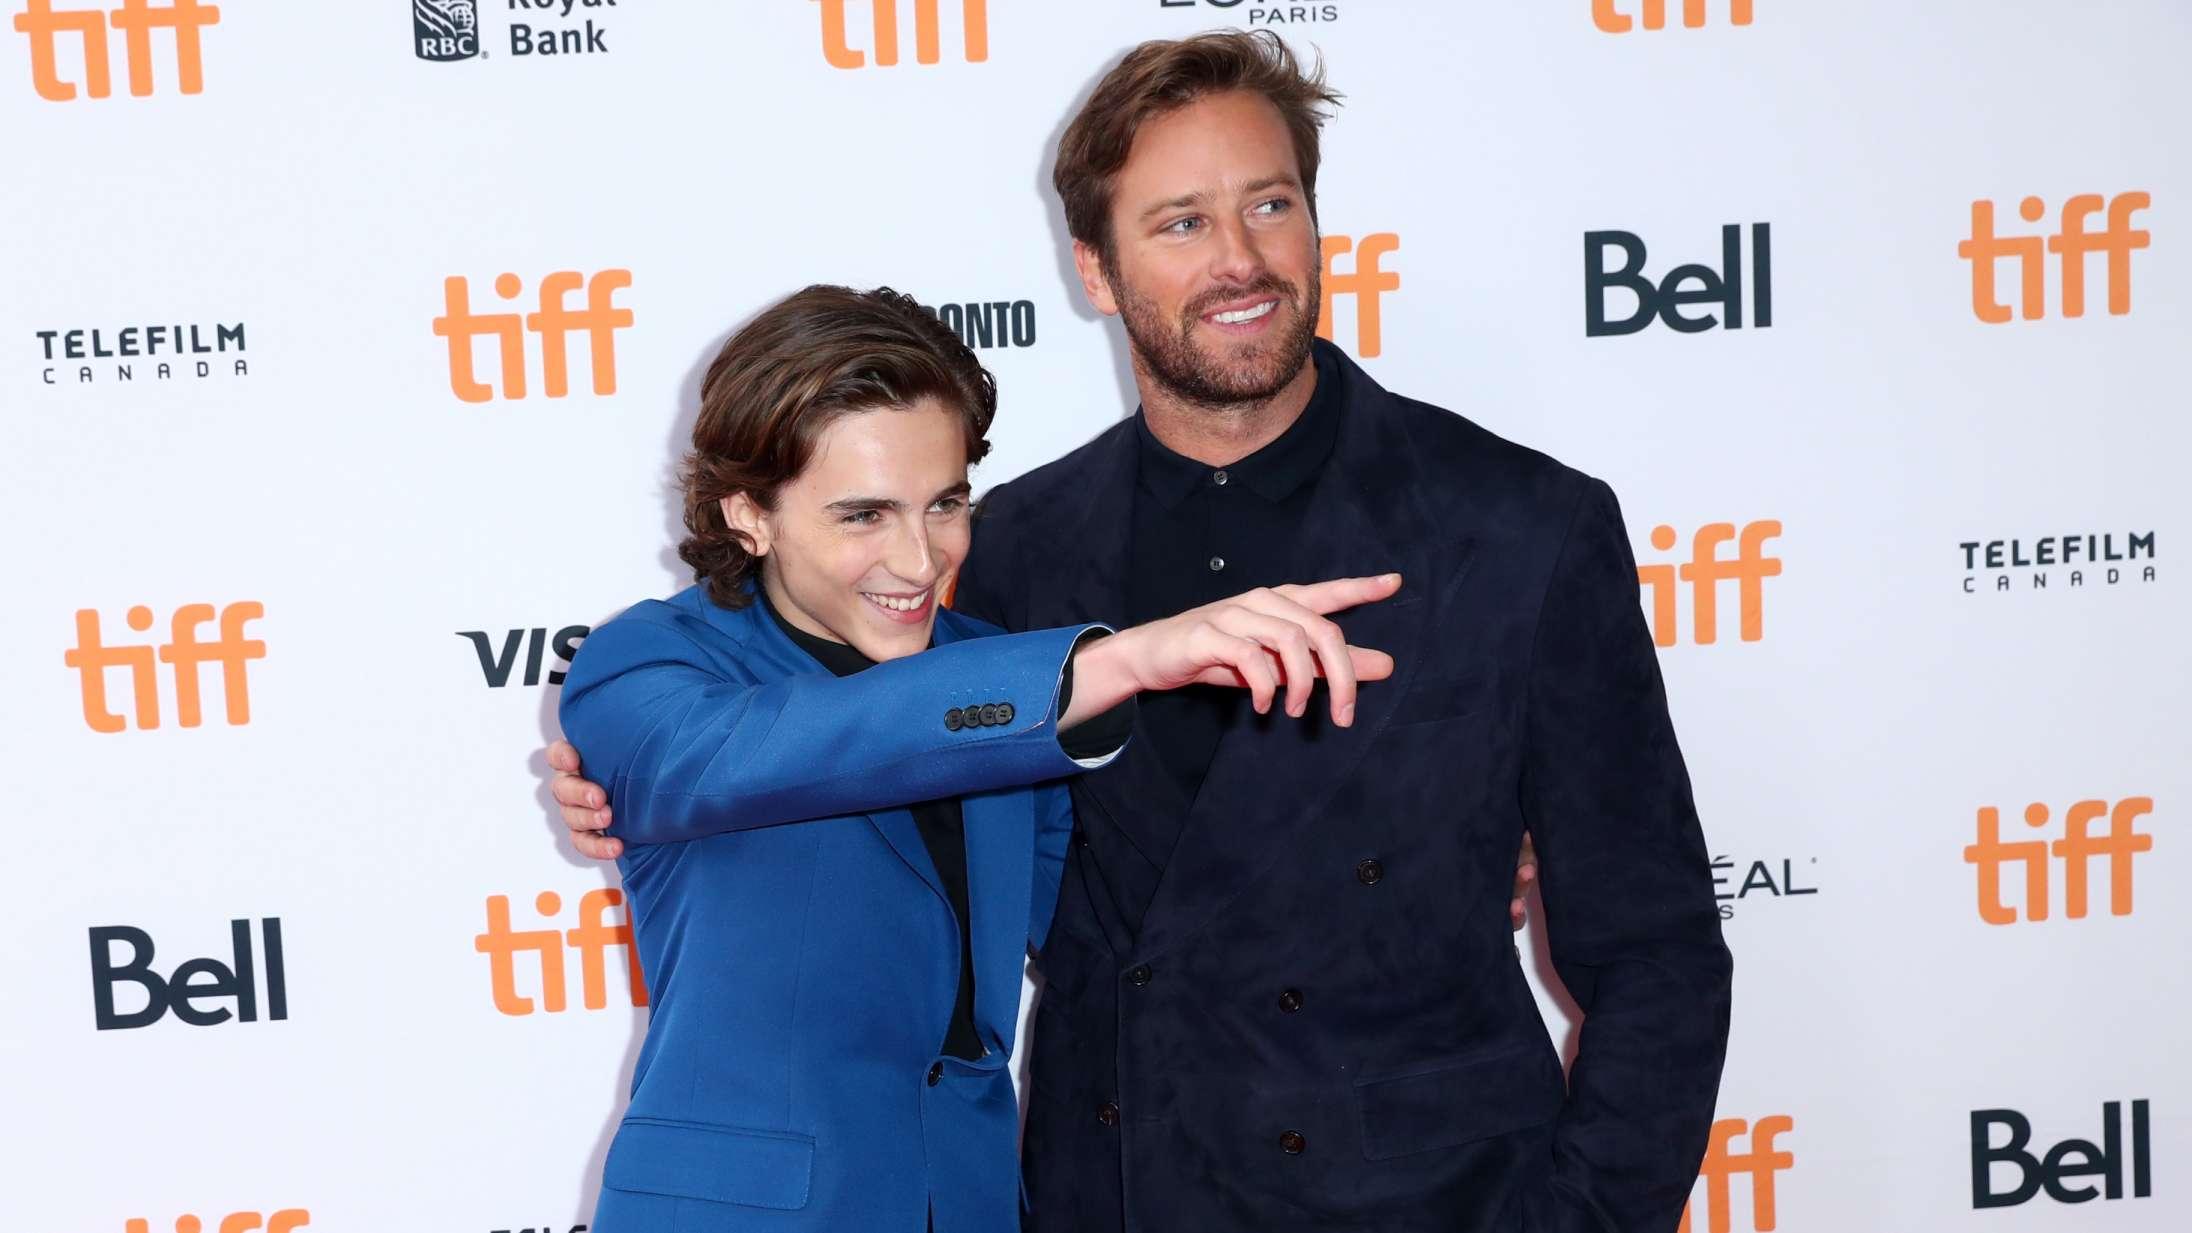 Timothée Chamalet og Armie Hammer genforenes i aktuel HBO-serie – men man skal kigge godt efter